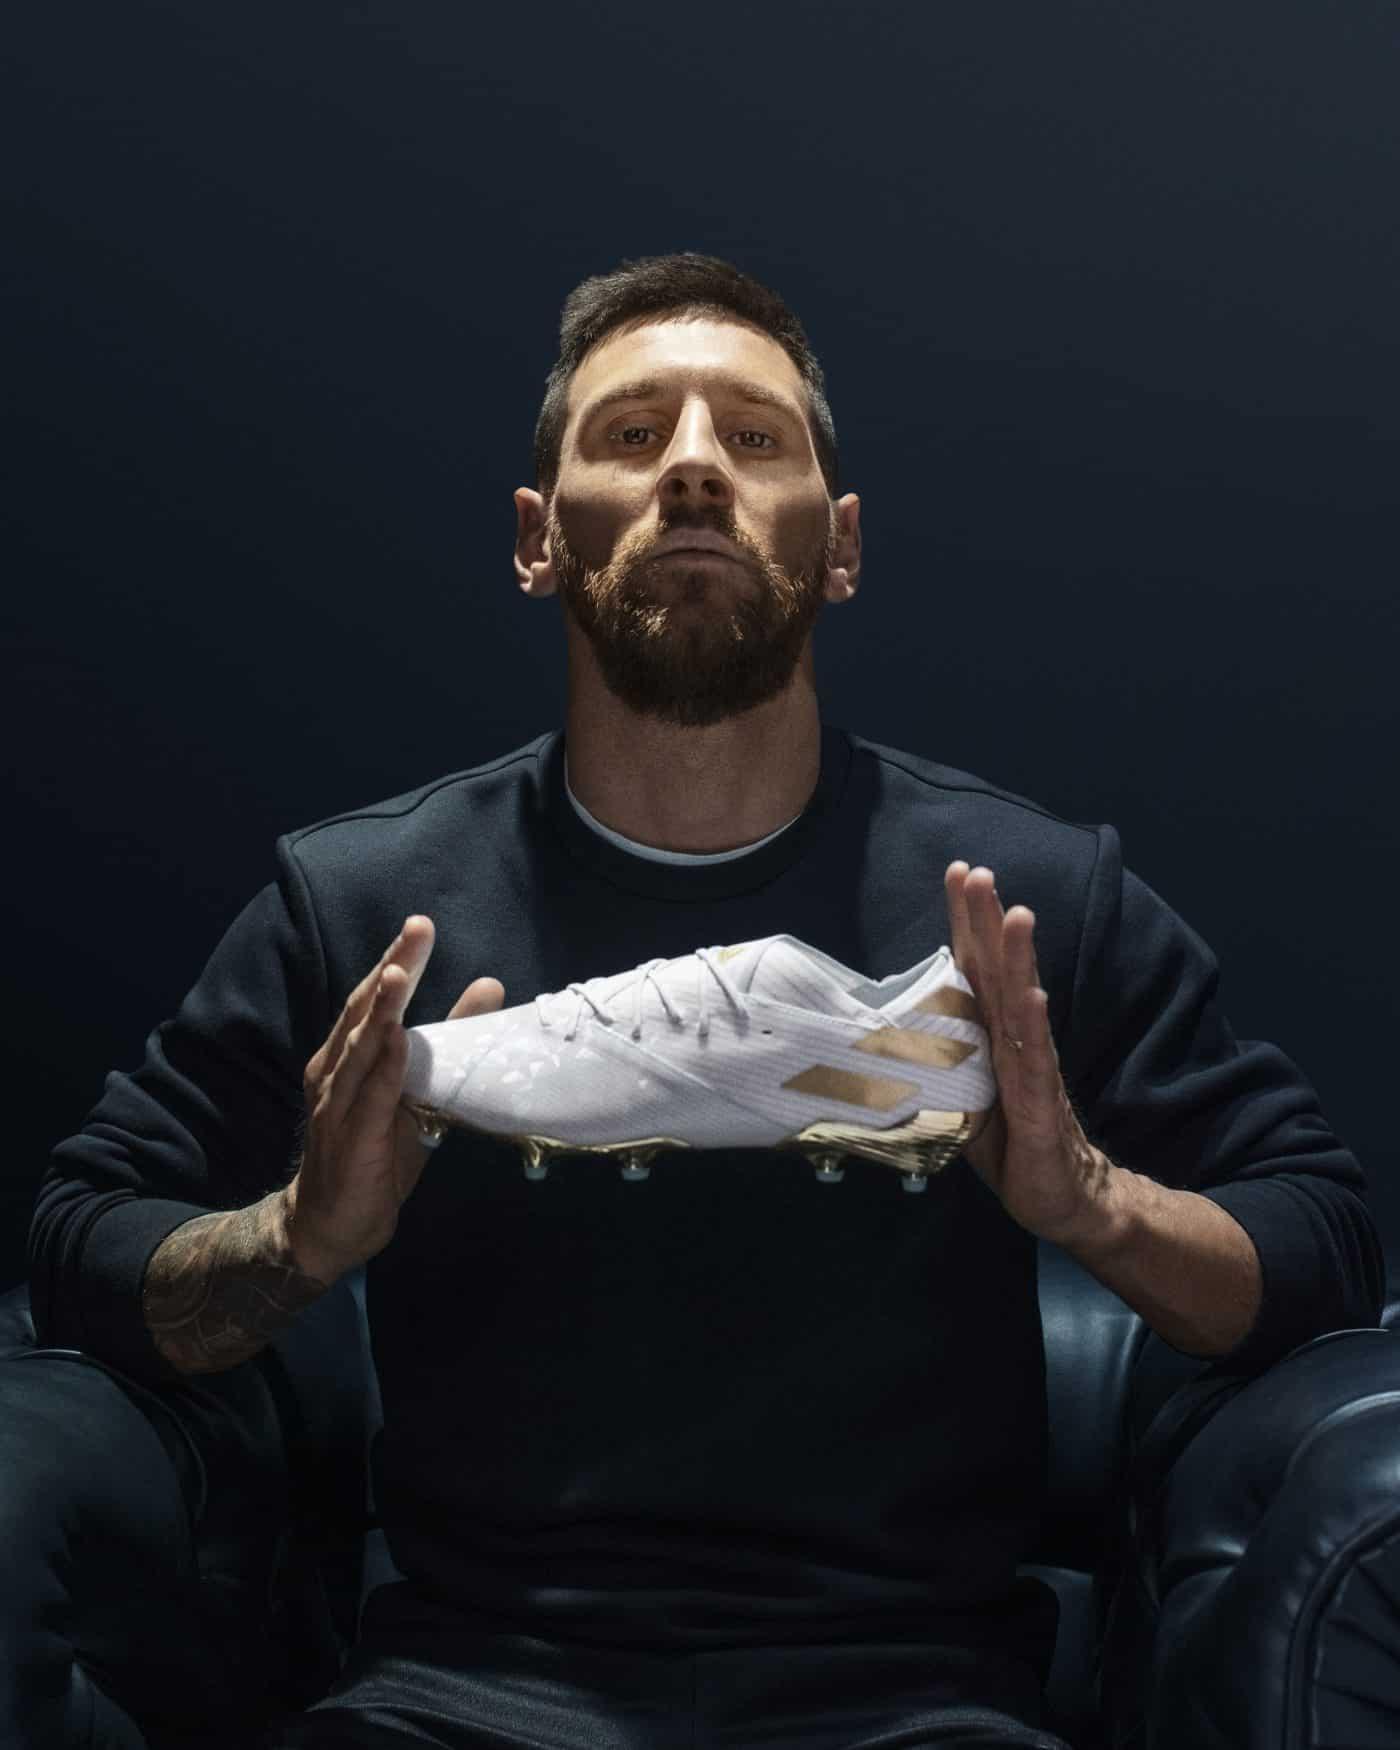 lionel-messi-adidas-nemeziz-19.1-15-ans-de-carriere-3